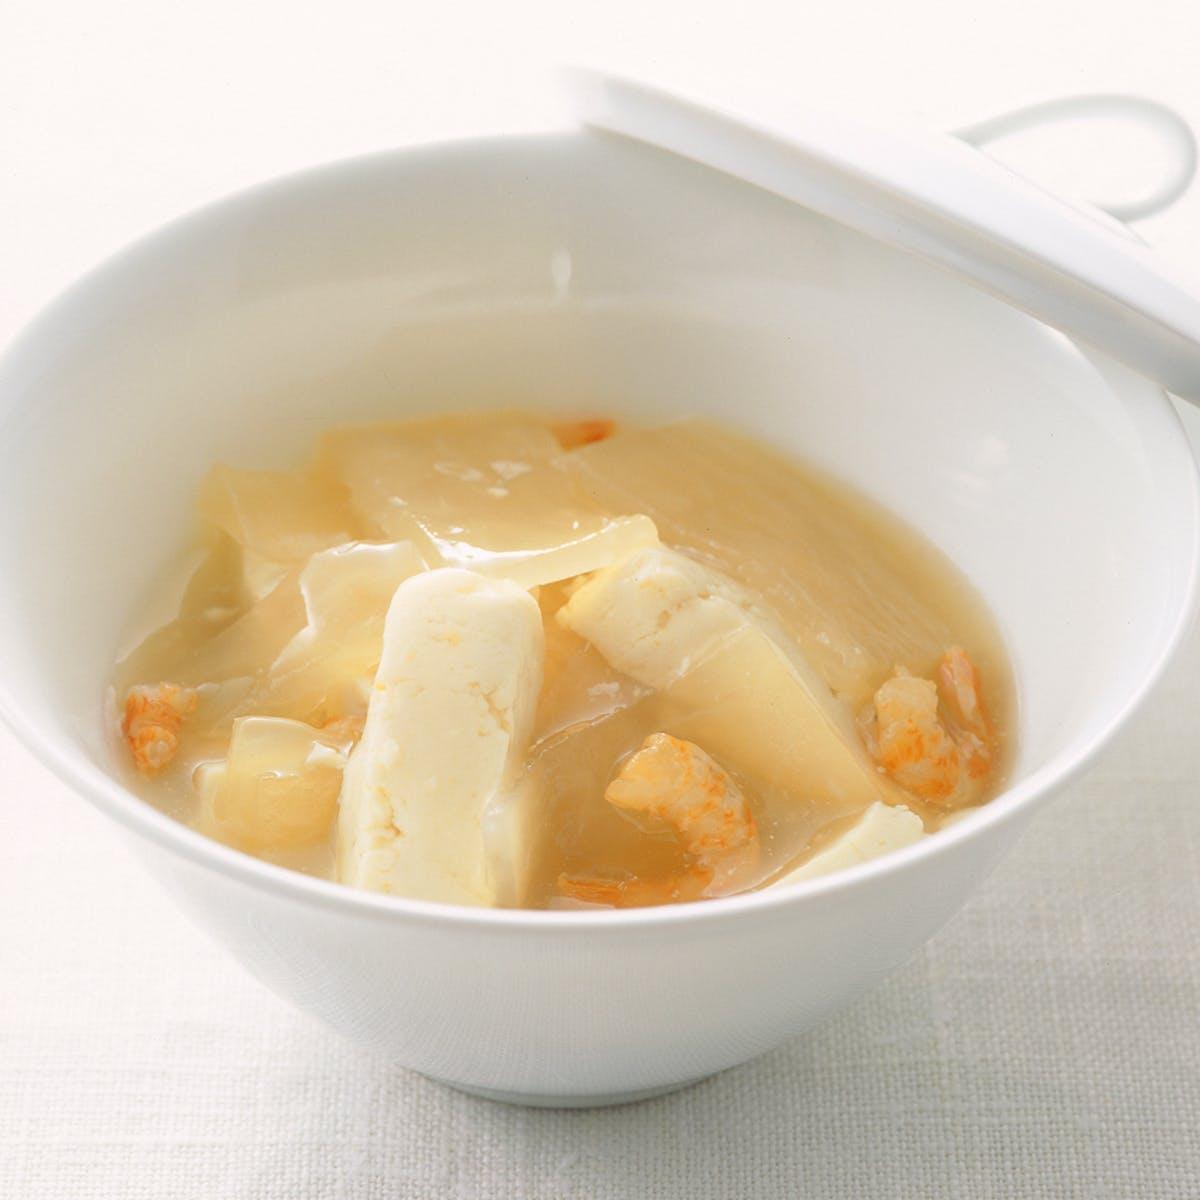 だいこんととうふのスープ煮